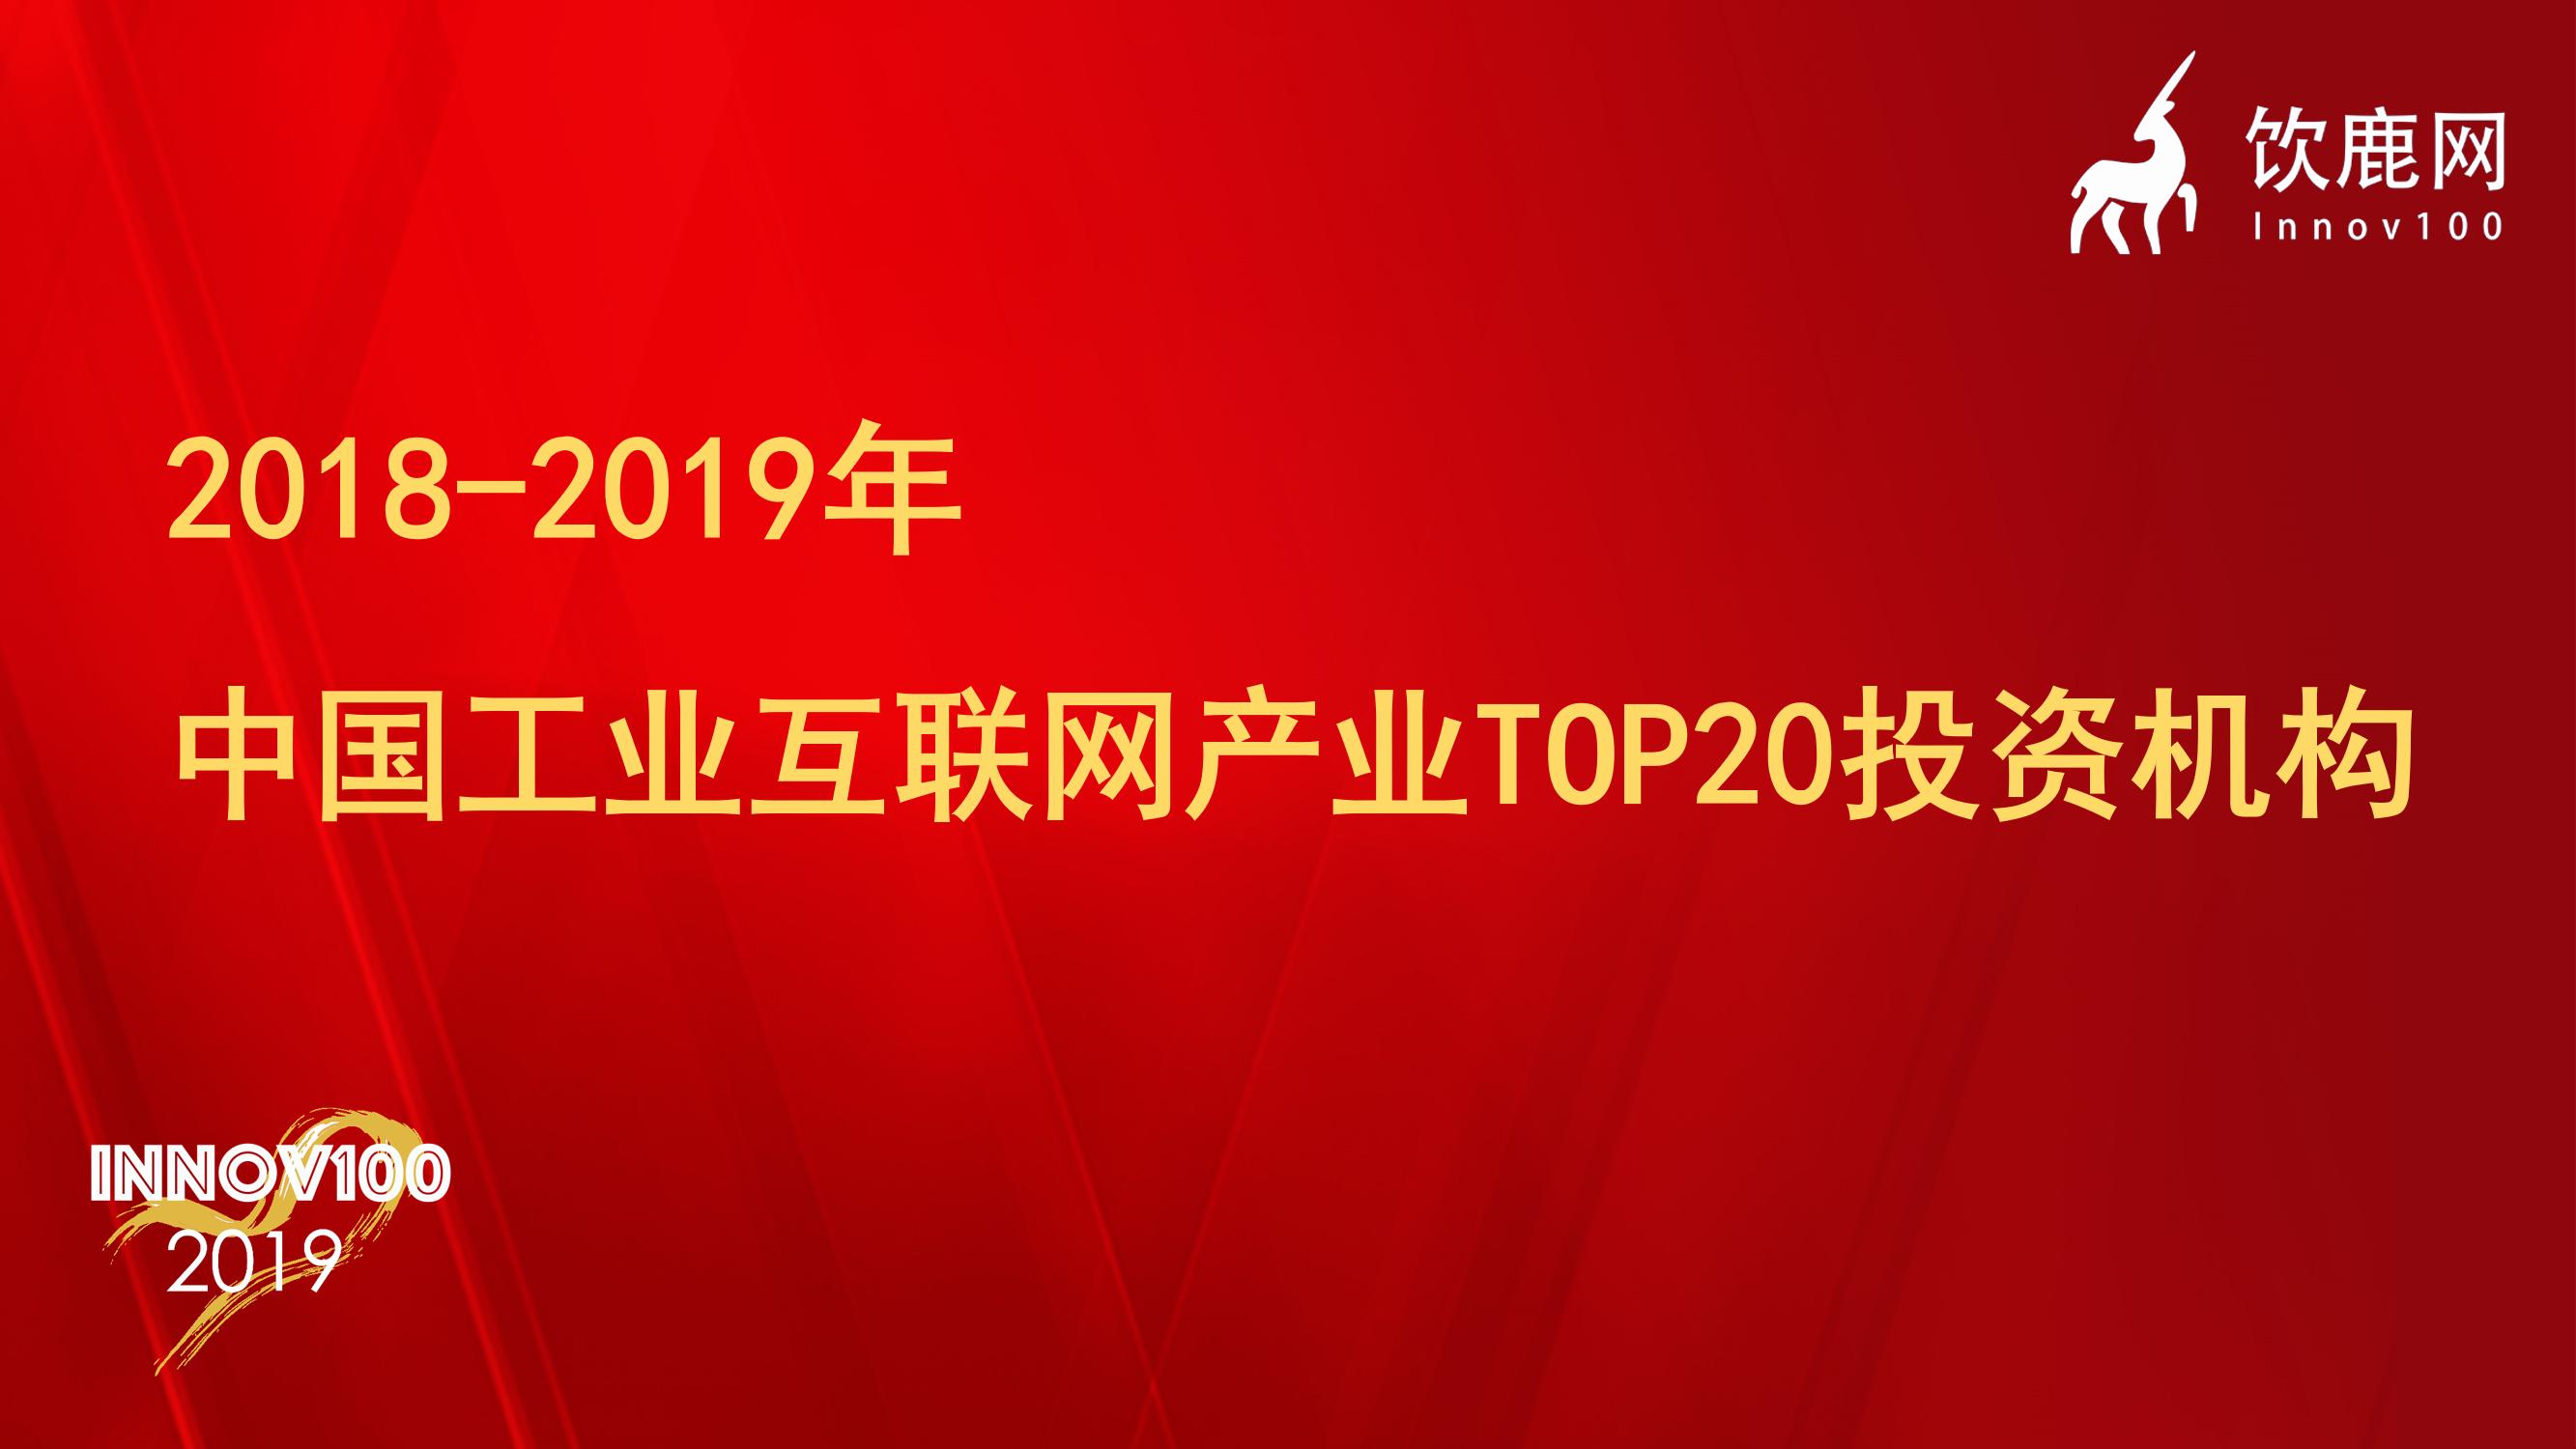 饮鹿网2018-2019年中国工业互联网产业Top20投资机构榜单发布!